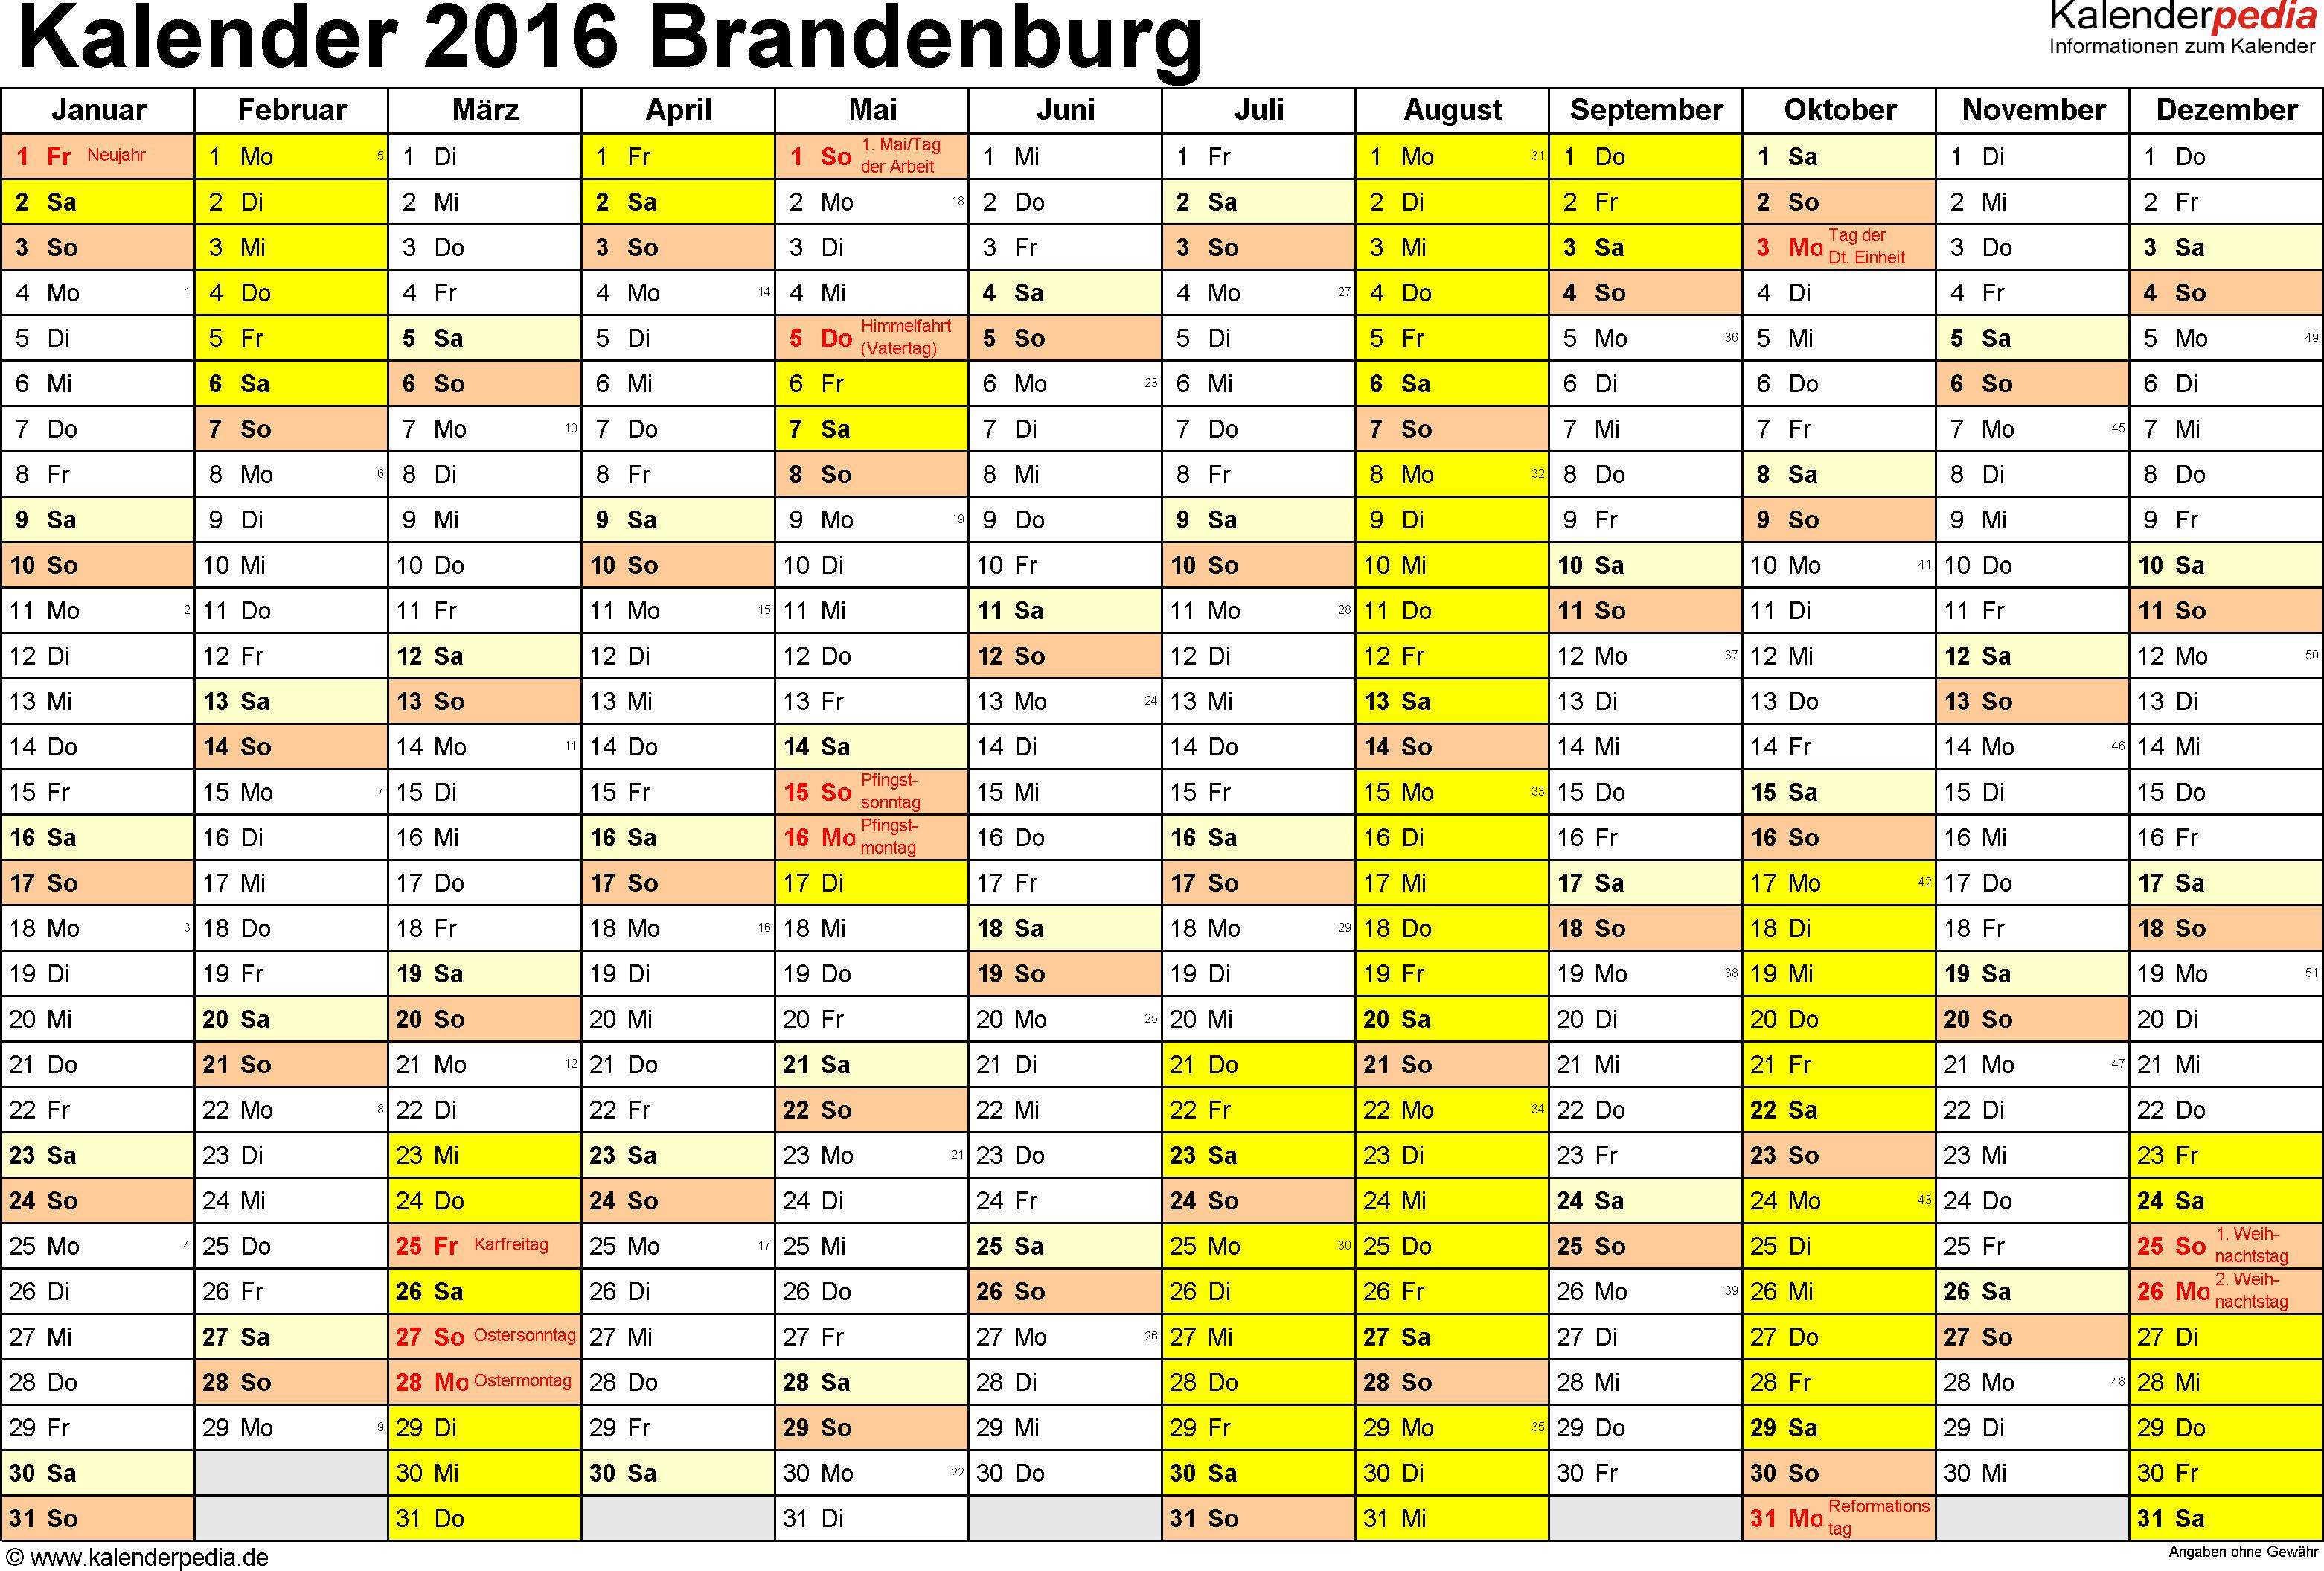 Vorlage 1: Kalender 2016 für Brandenburg als Word-Vorlage (Querformat, 1 Seite)